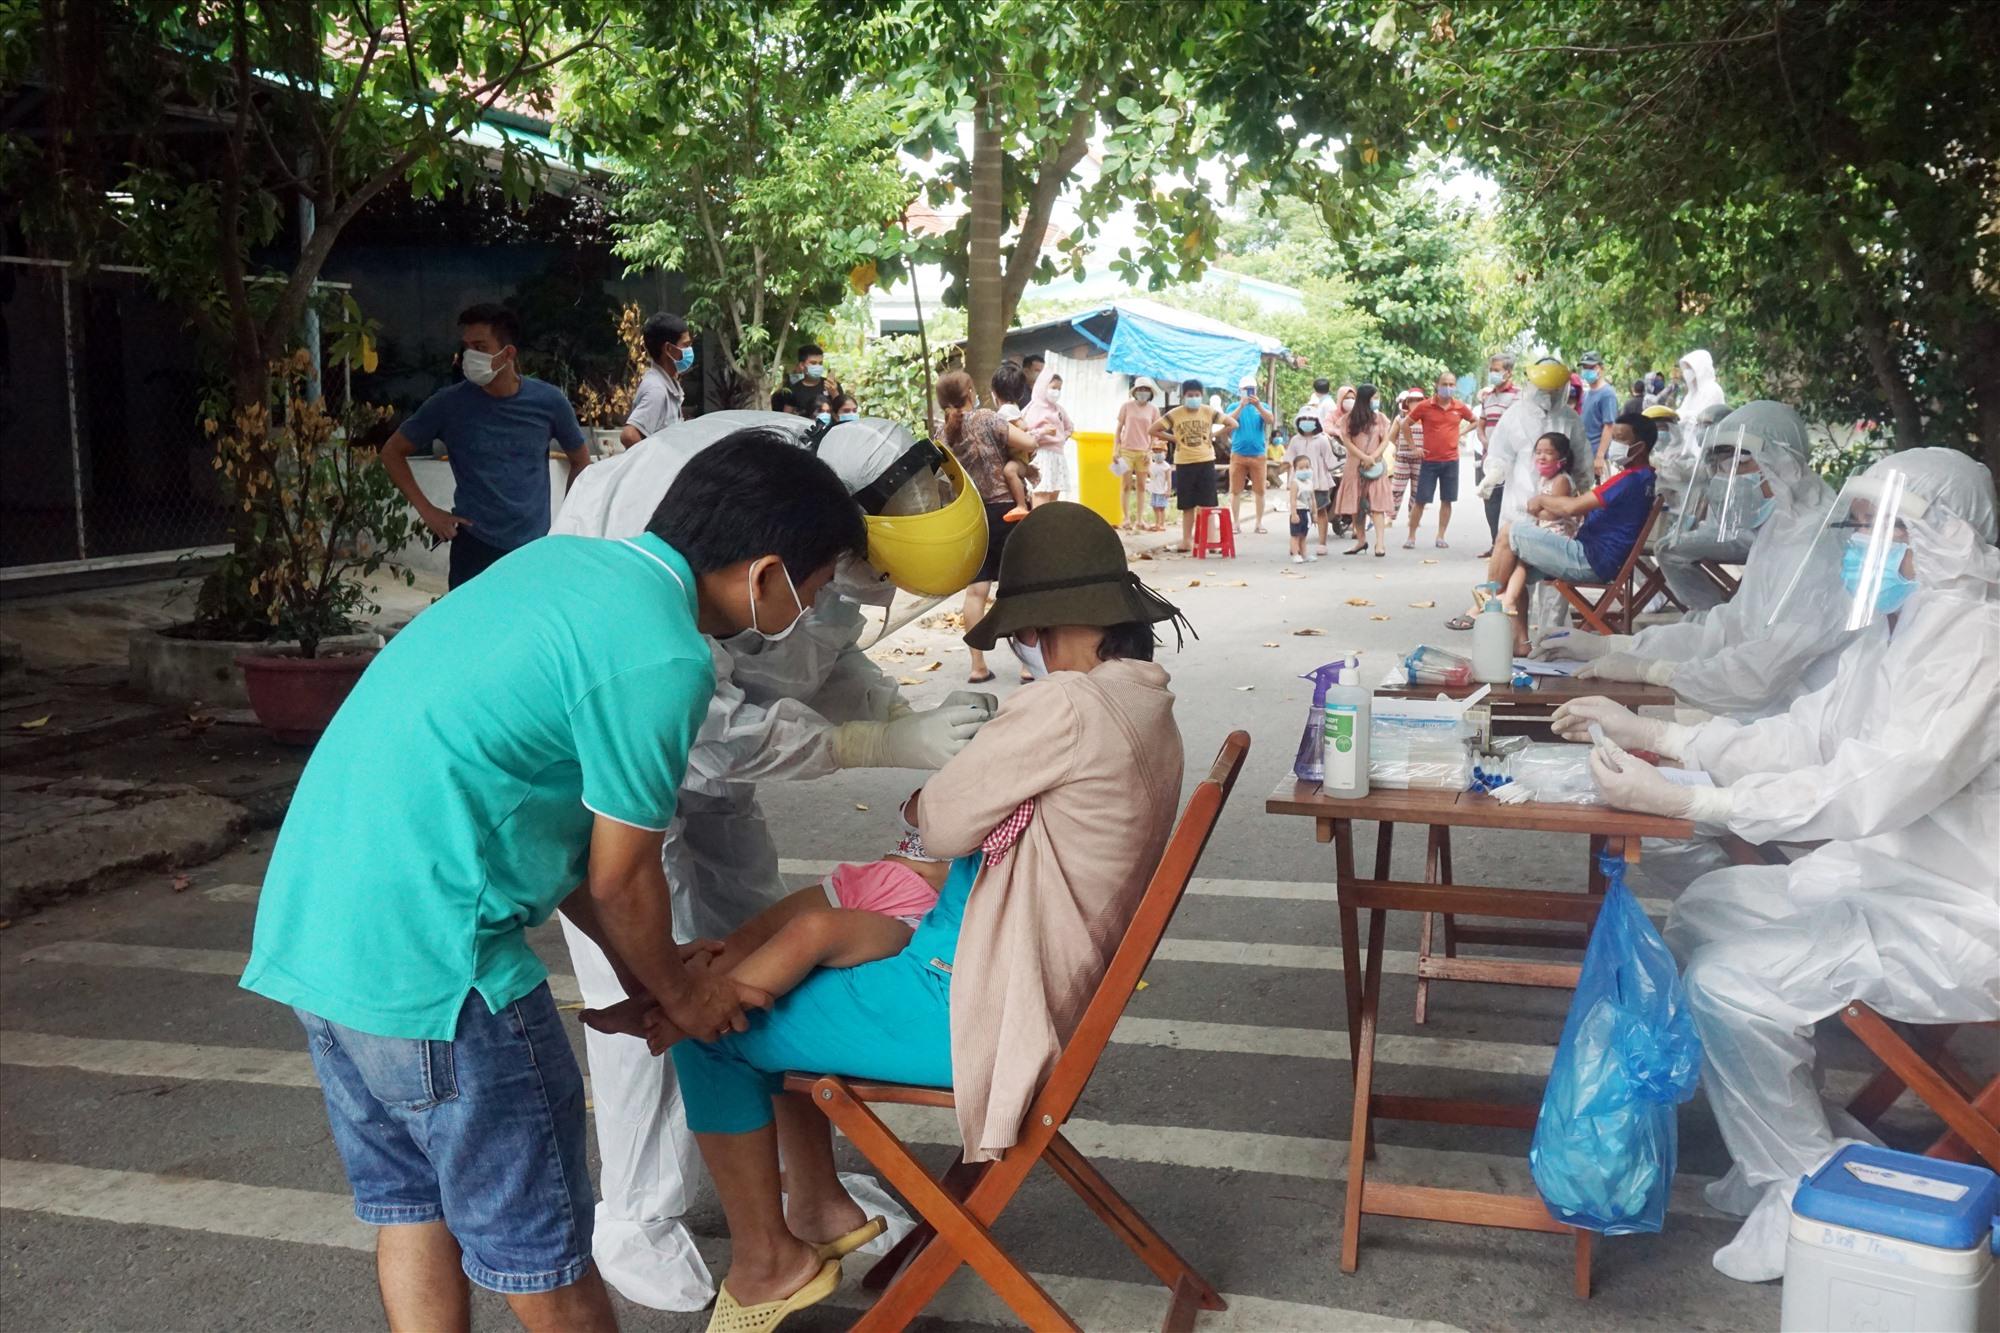 Toàn bộ nhân khẩu tại khu dân cư Lưu Minh (thị trấn Hà Lam huyện Thăng Bình) đã được lấy mẫu xét nghiệm. Ảnh: BIÊN THỰC